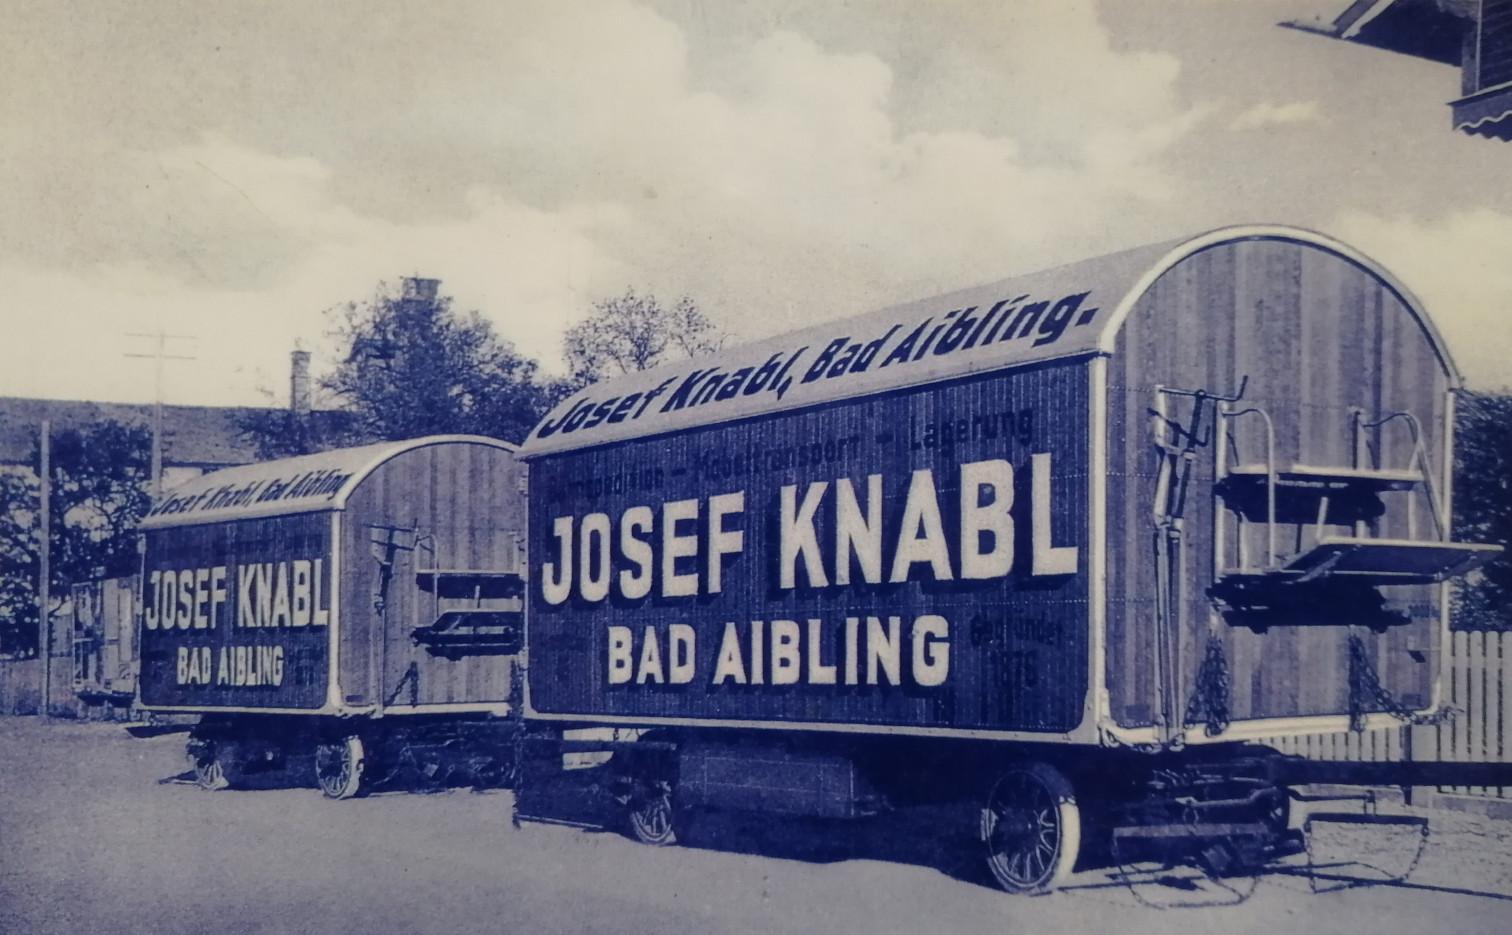 Knabl Umzugsunternehmen Geschichte